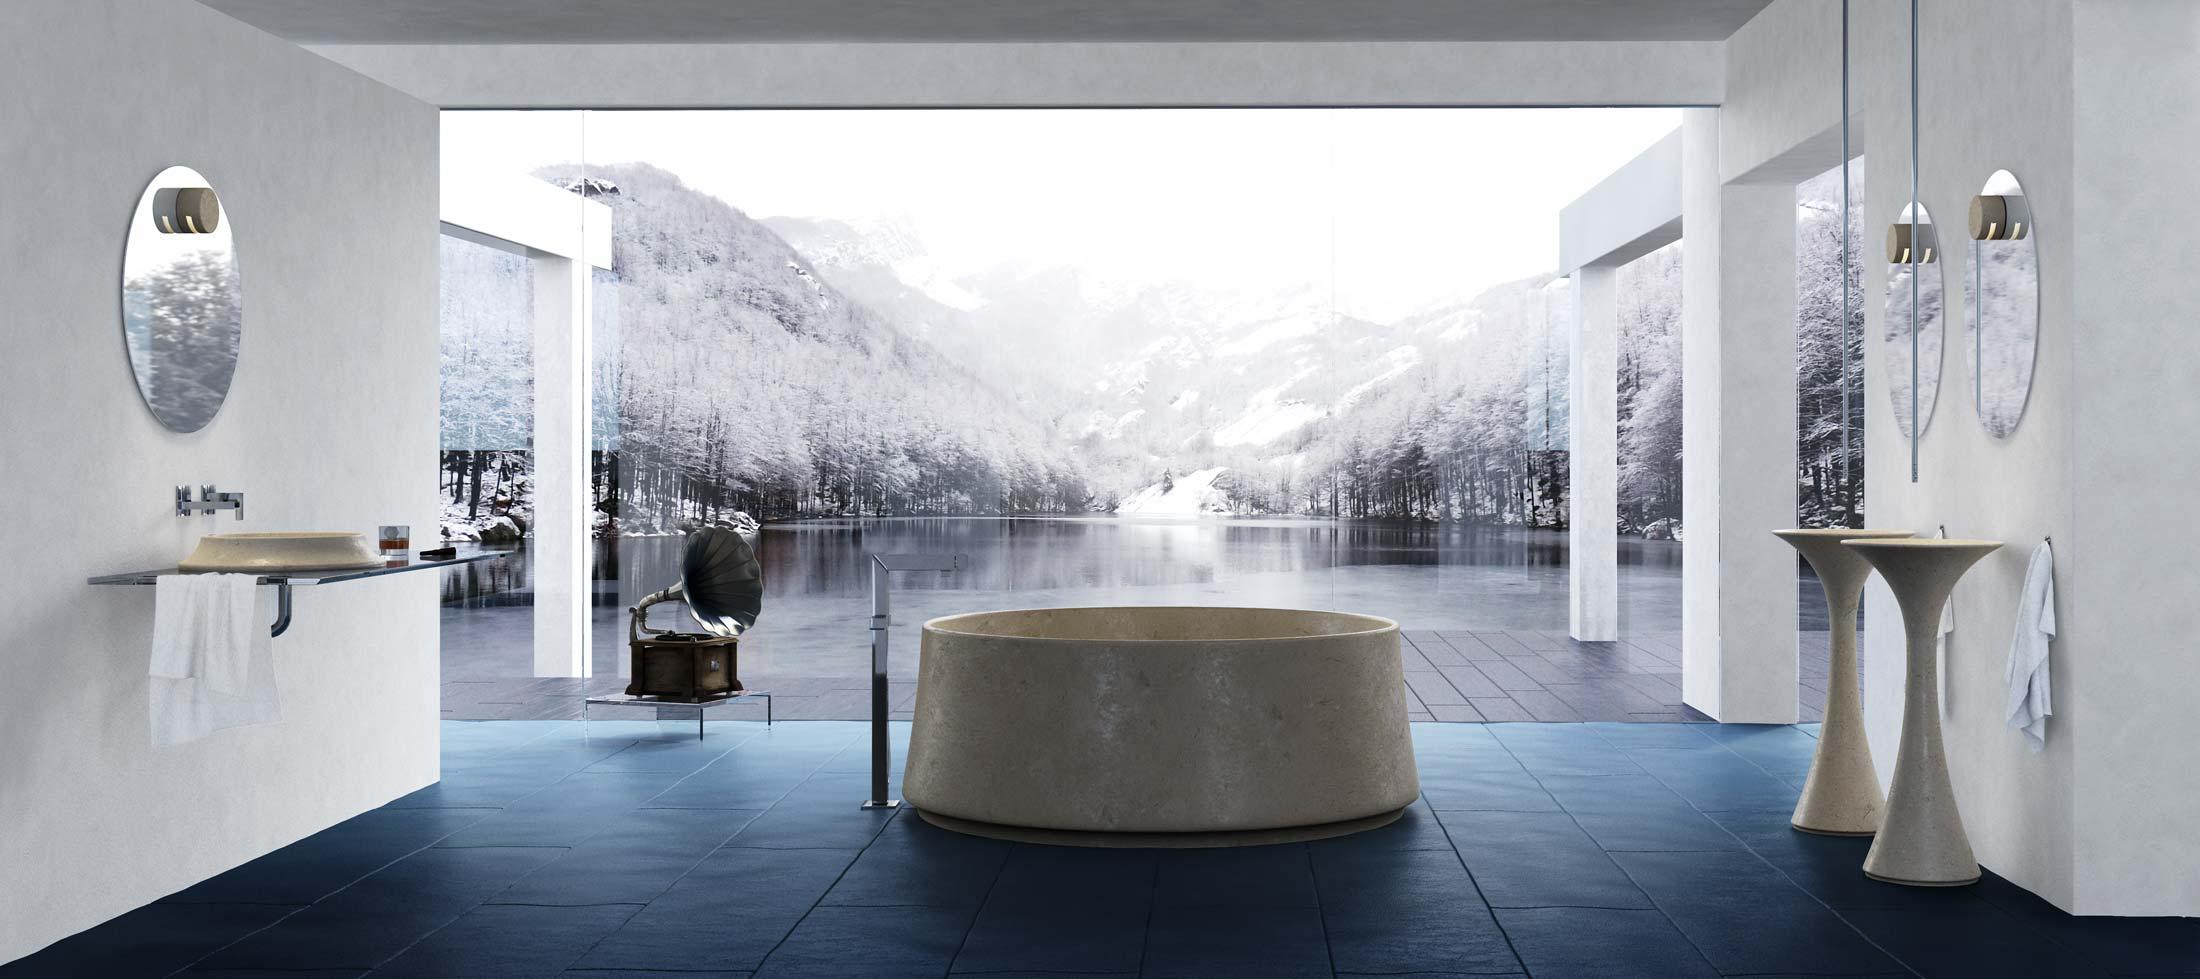 https://www.dedalostone.com/wp-content/uploads/2018/03/collezione-arredamento-bagno-marmo-leggero-lavandino-vasca-doccia-lune.jpg